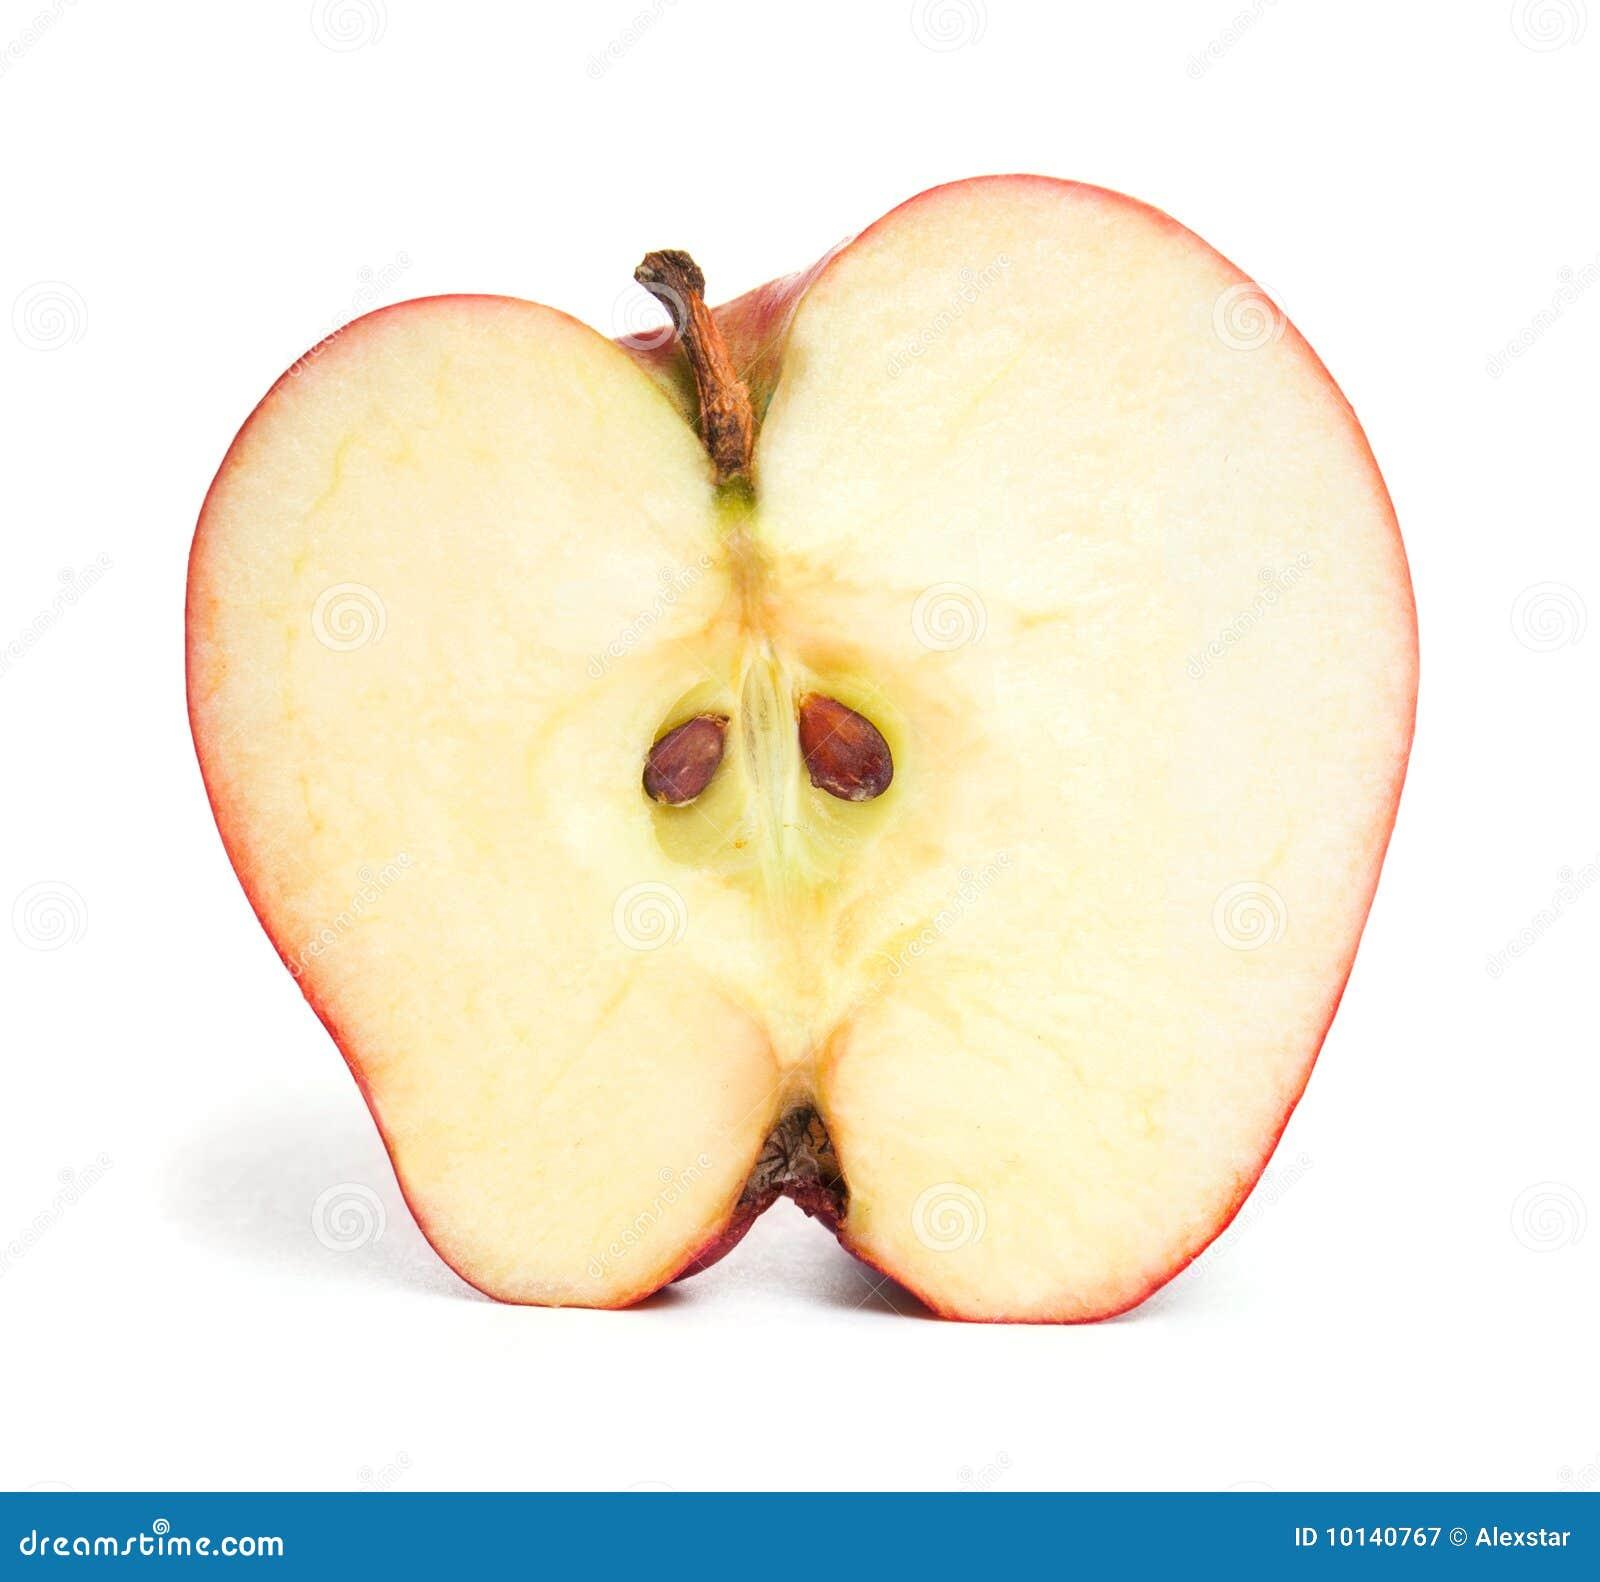 how to keep half an apple fresh